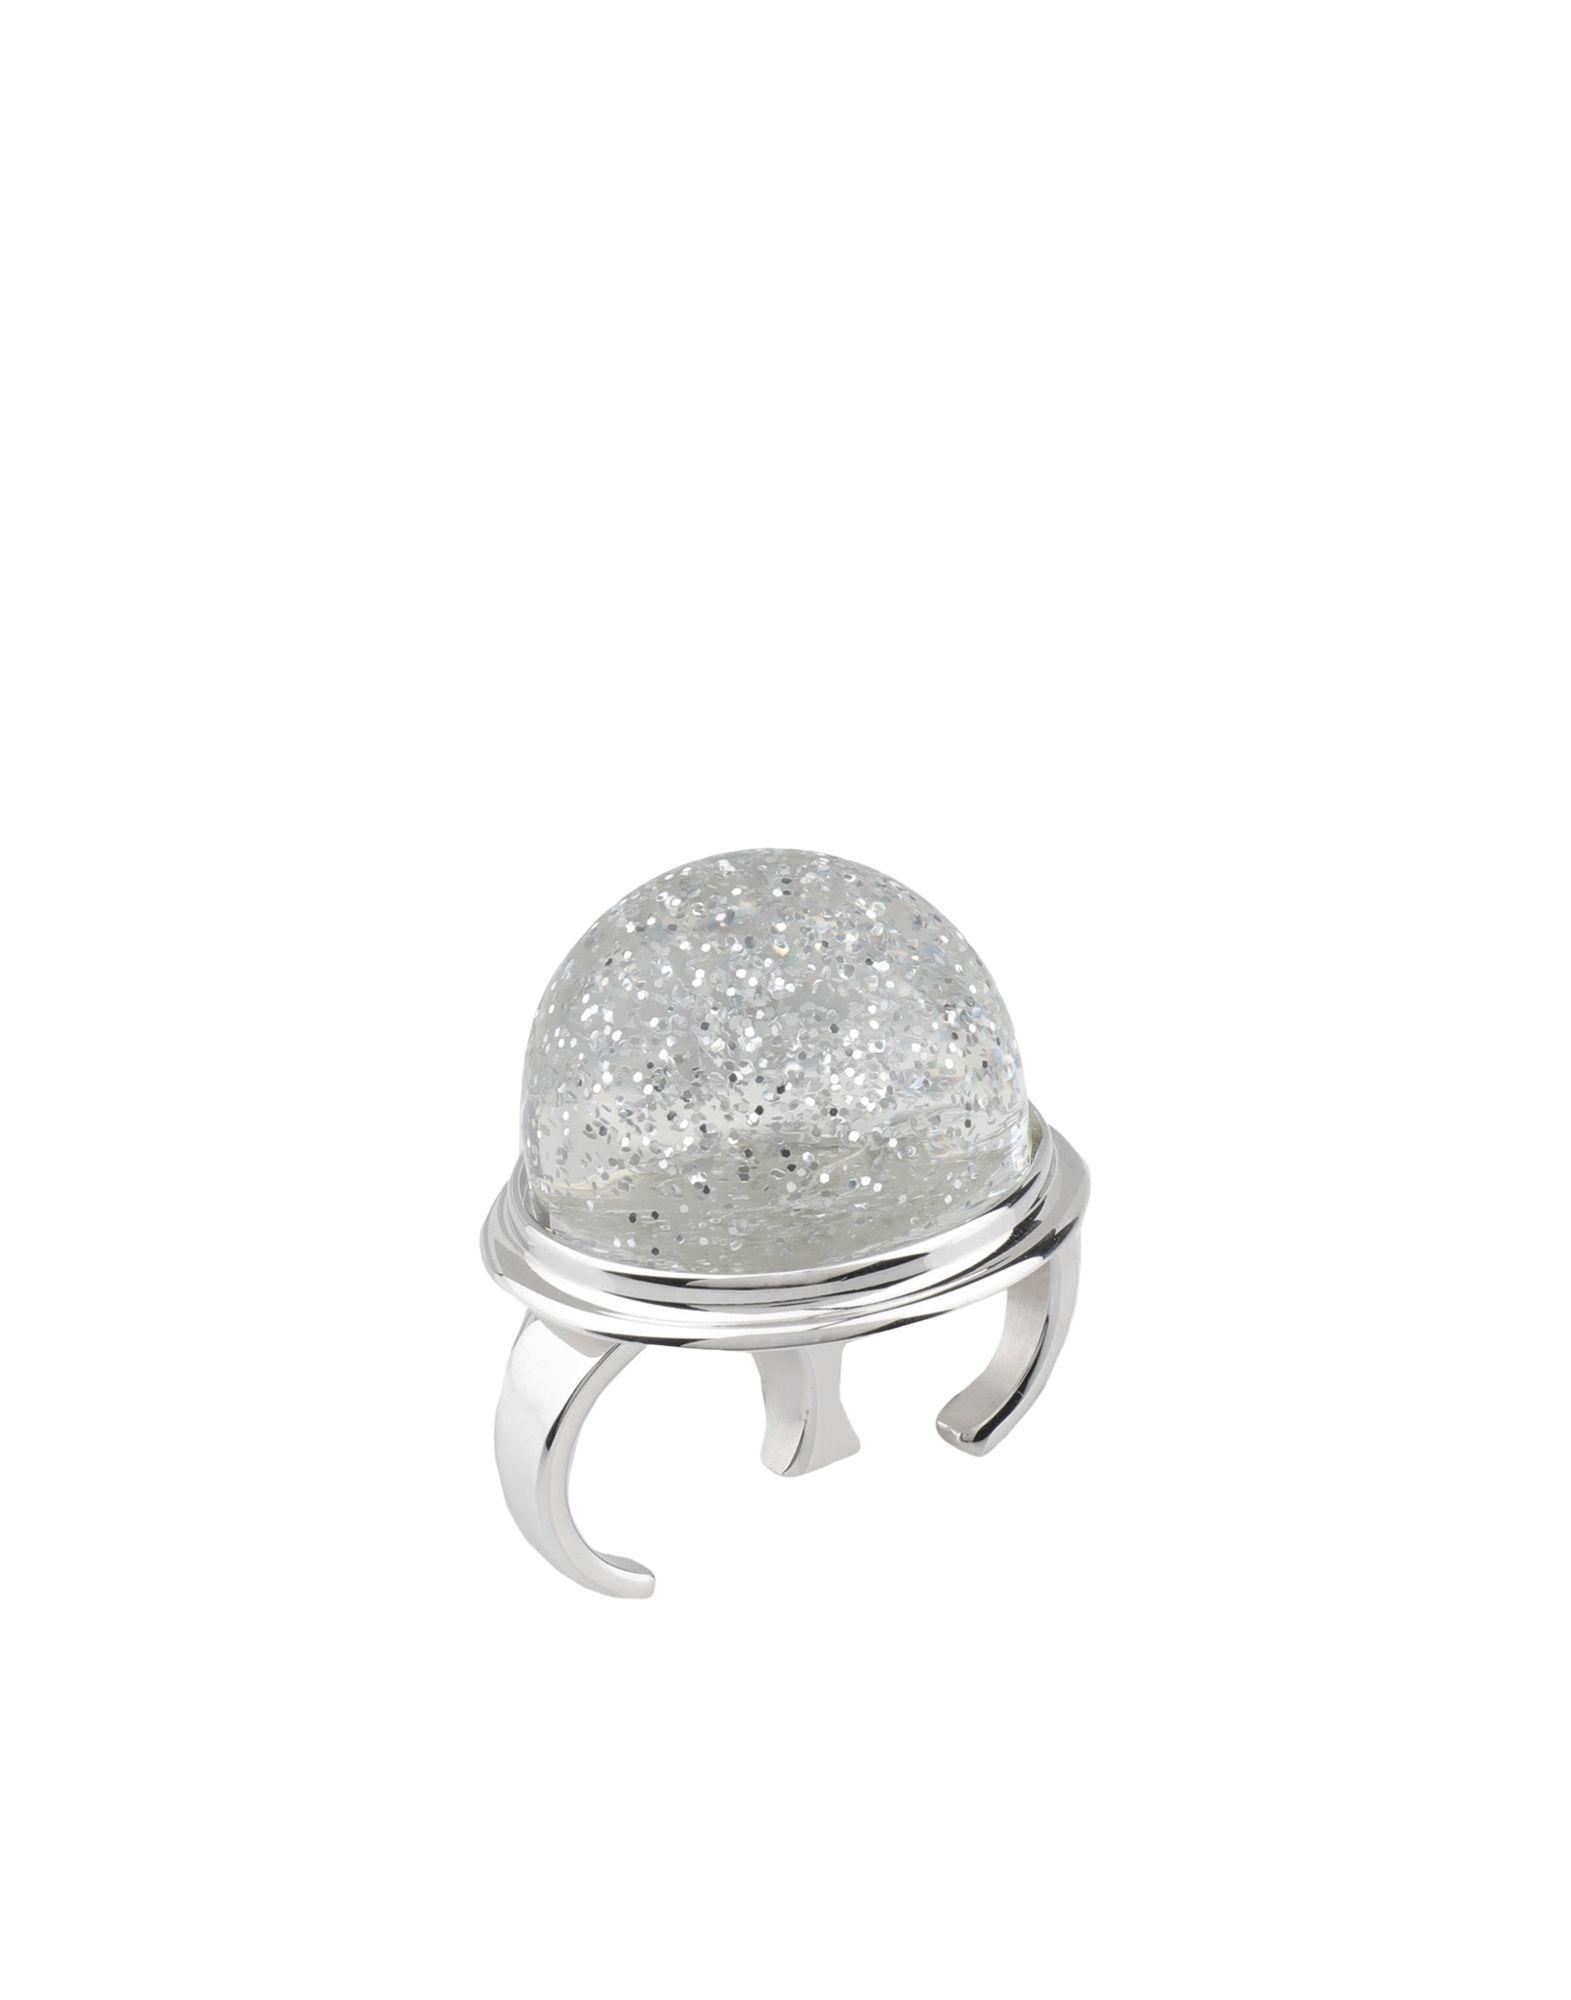 《送料無料》MM6 MAISON MARGIELA レディース 指輪 クリア S メタクリレート樹脂 100% / 真鍮/ブラス